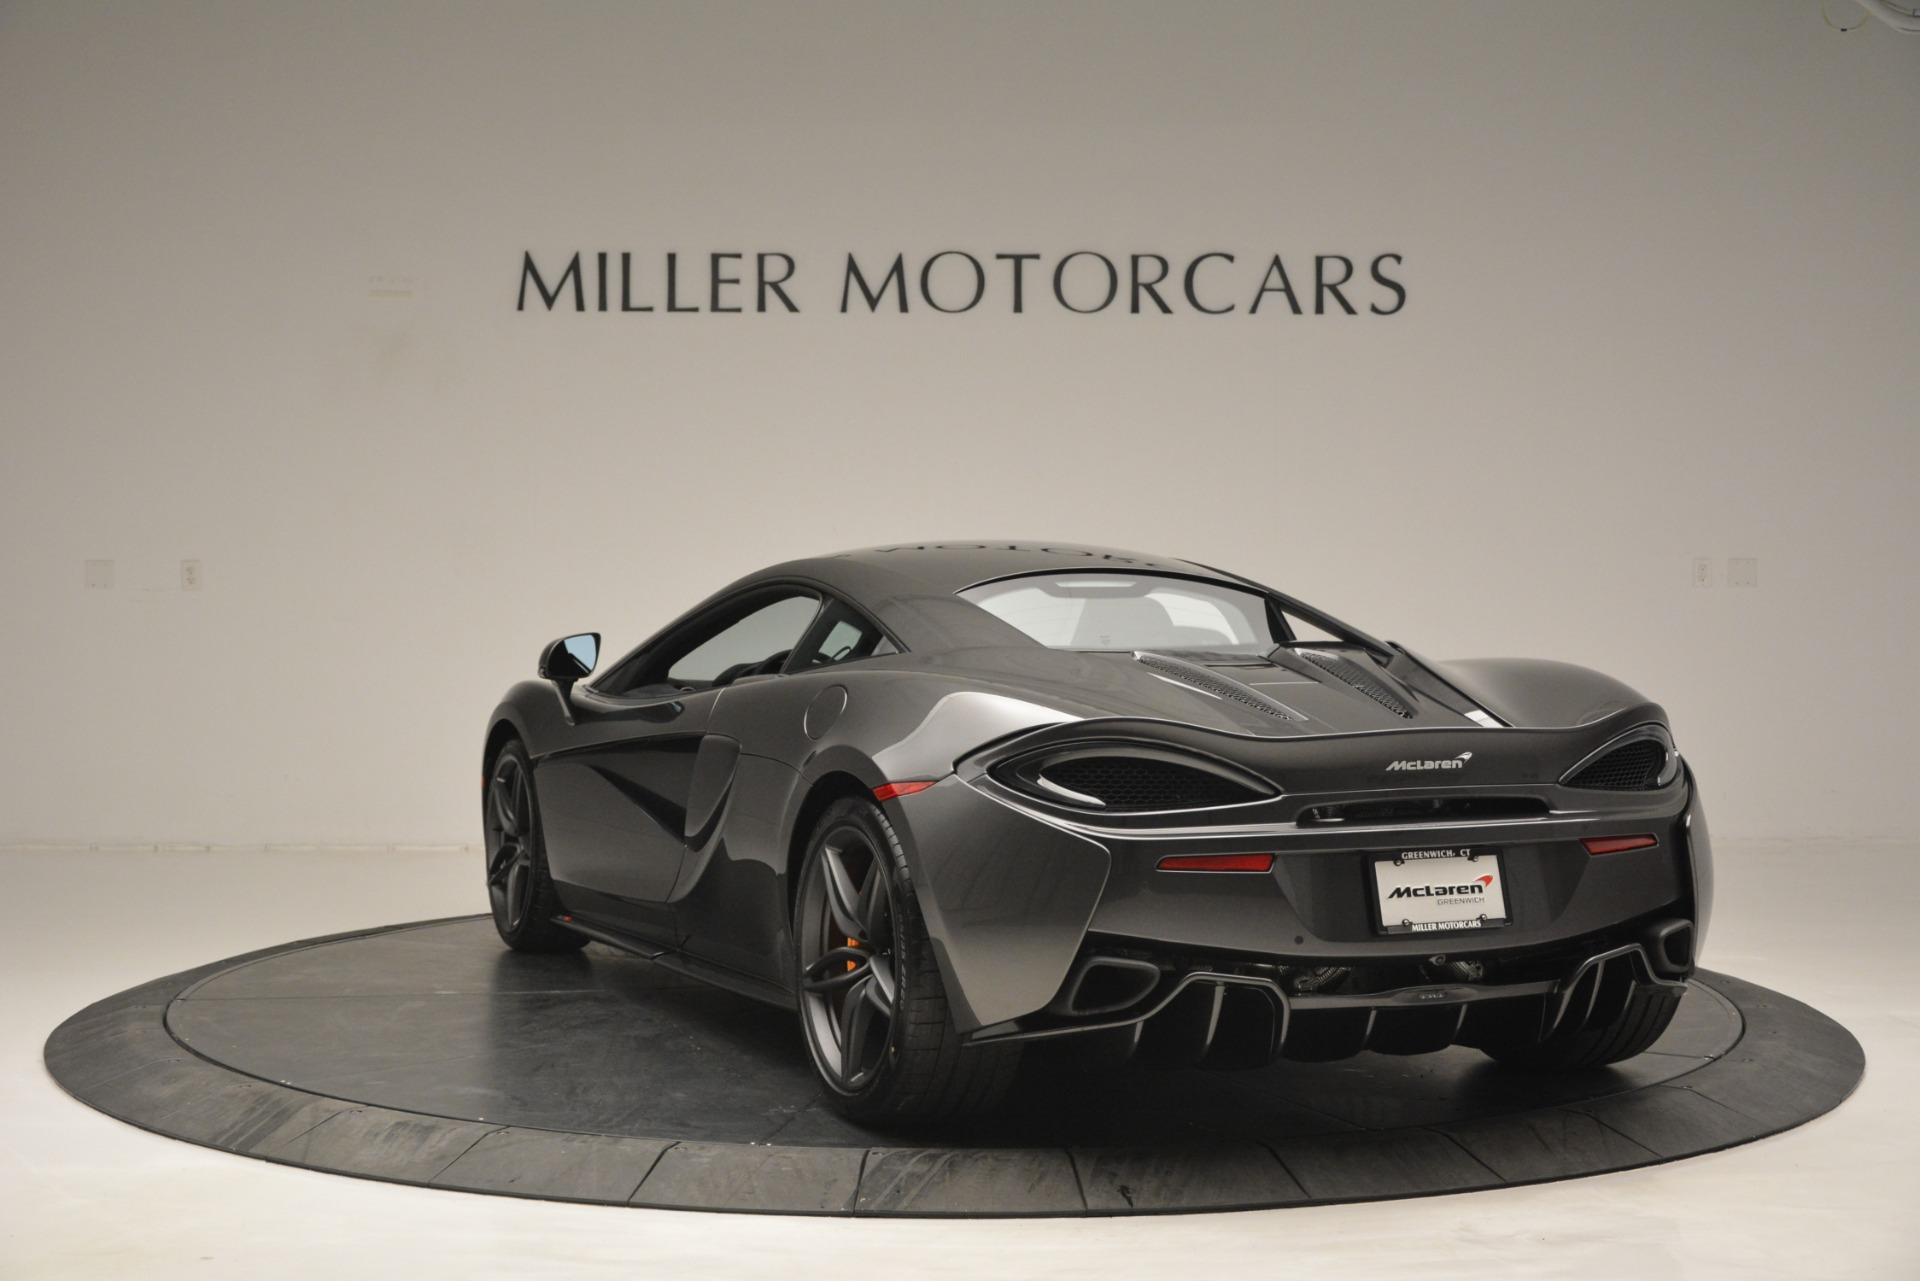 New 2019 McLaren 570S Coupe For Sale In Westport, CT 2968_p5